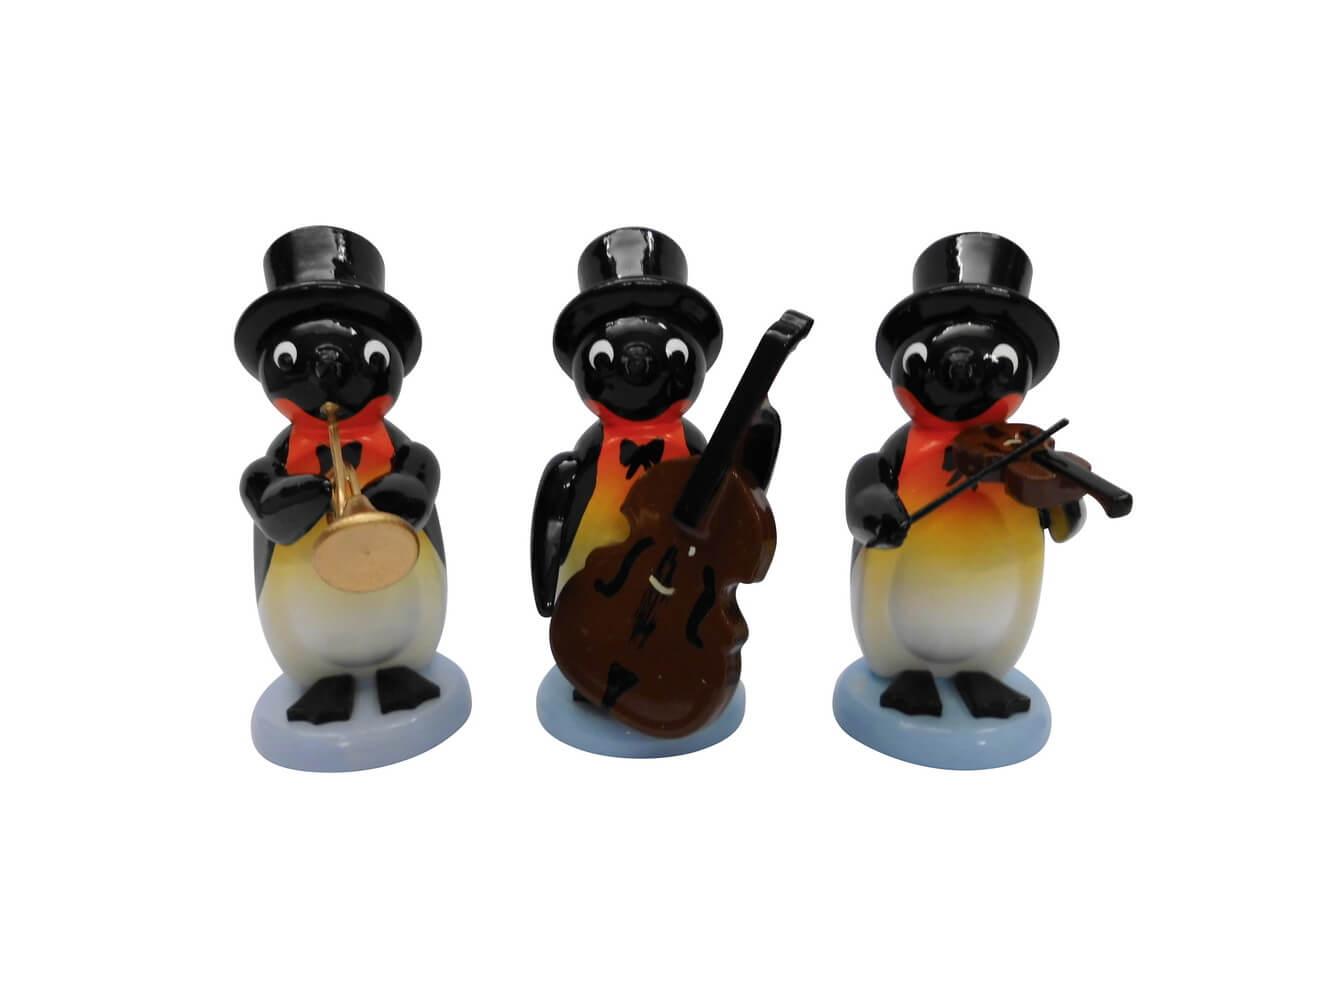 3 teiliges Set, Pinguine - Band von Nestler-Seiffen